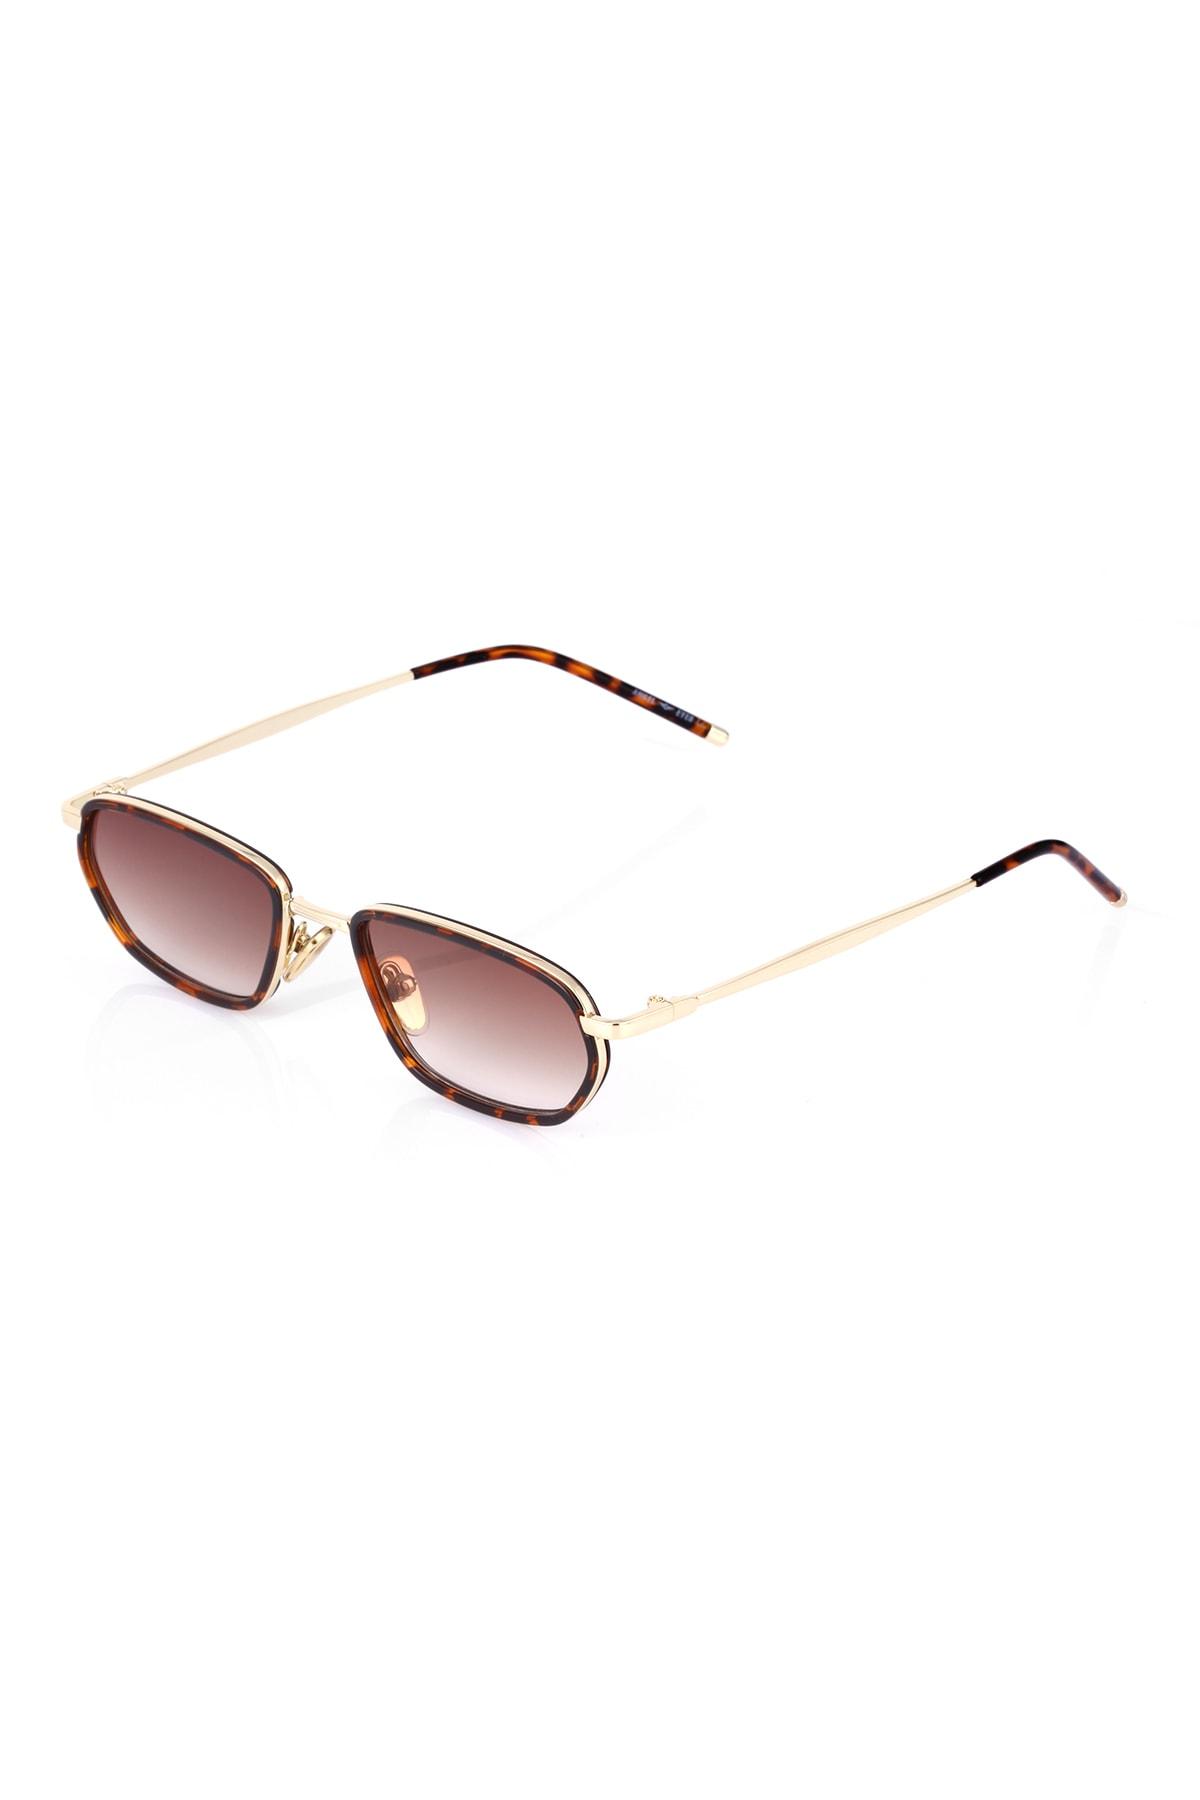 عینک آفتابی زنانه با قیمت برند Armatico رنگ قهوه ای کد ty102396347